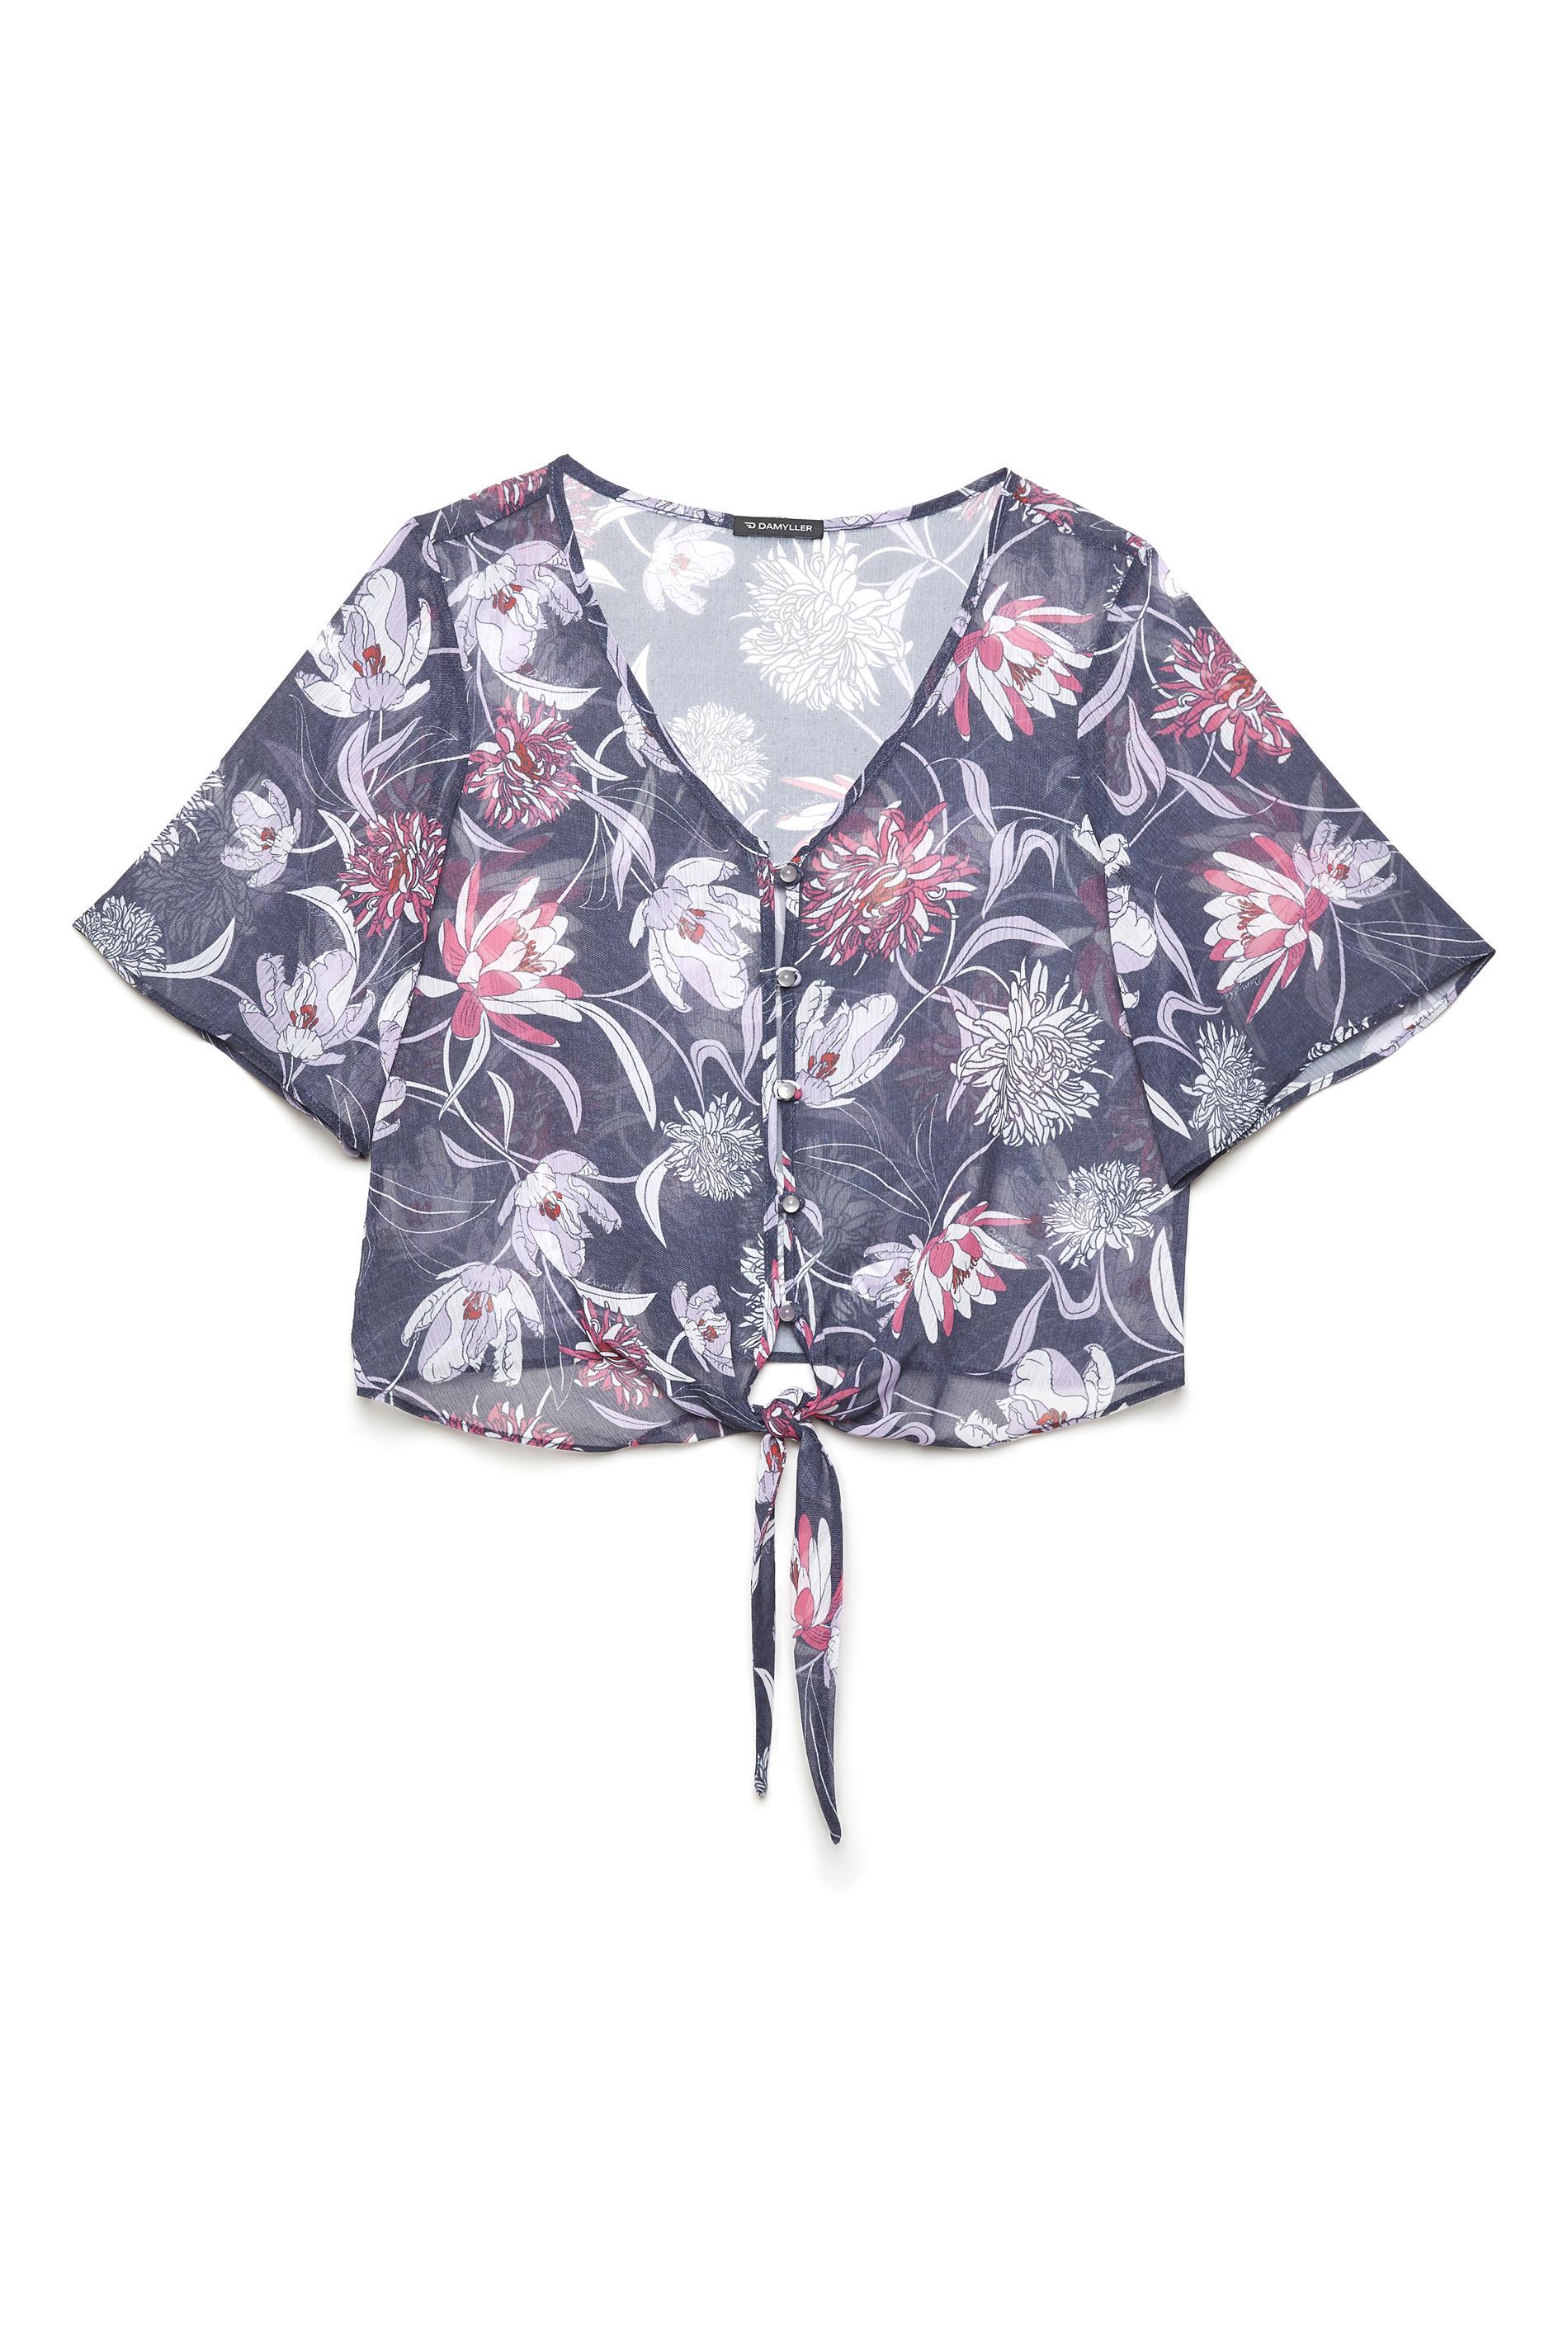 a1b10ac3ee81 Blusa Floral Com Amarração Feminina - Damyller